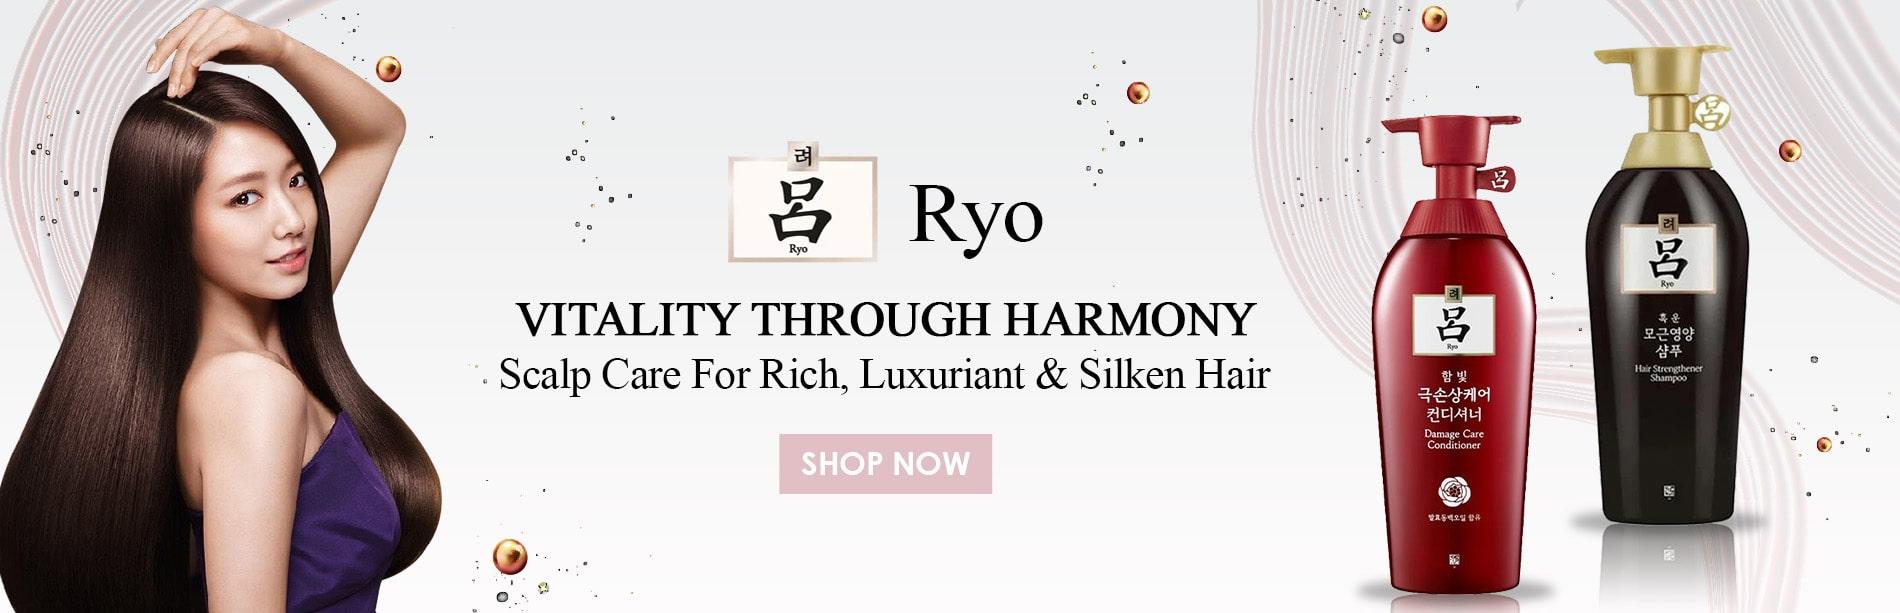 Ryo-main-min